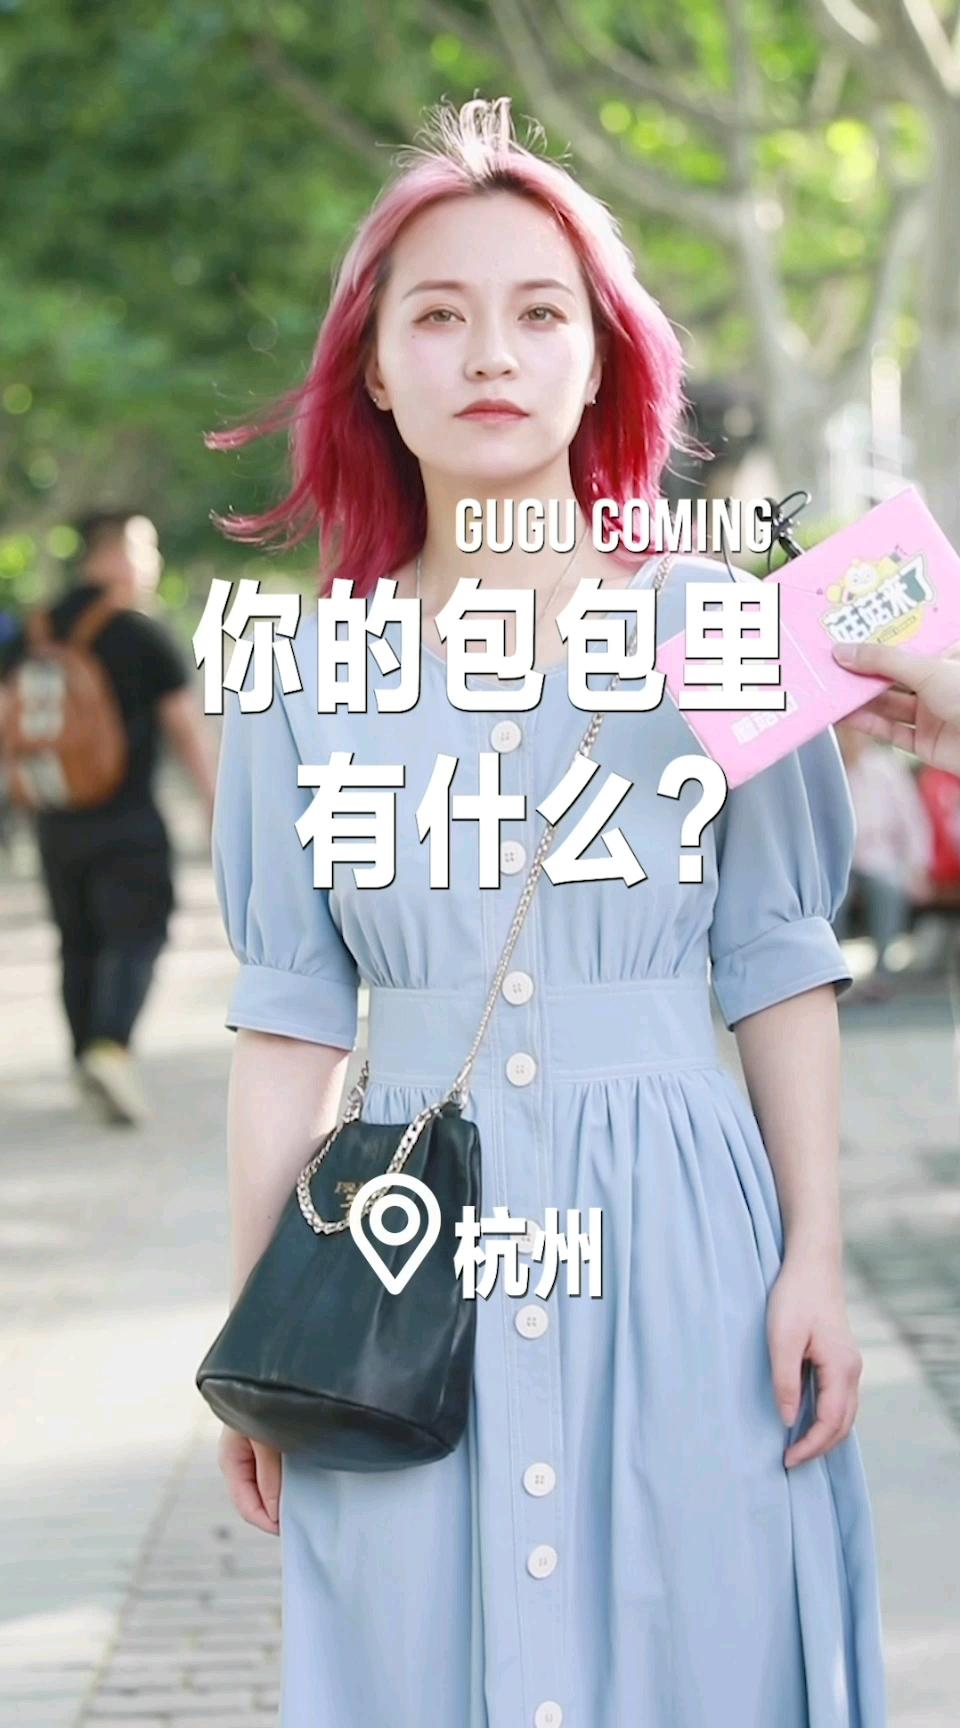 红发少女的包包里面有什么?看到车钥匙的那一刻我嫉妒了!#街头# 大家平时的出行方式是什么?